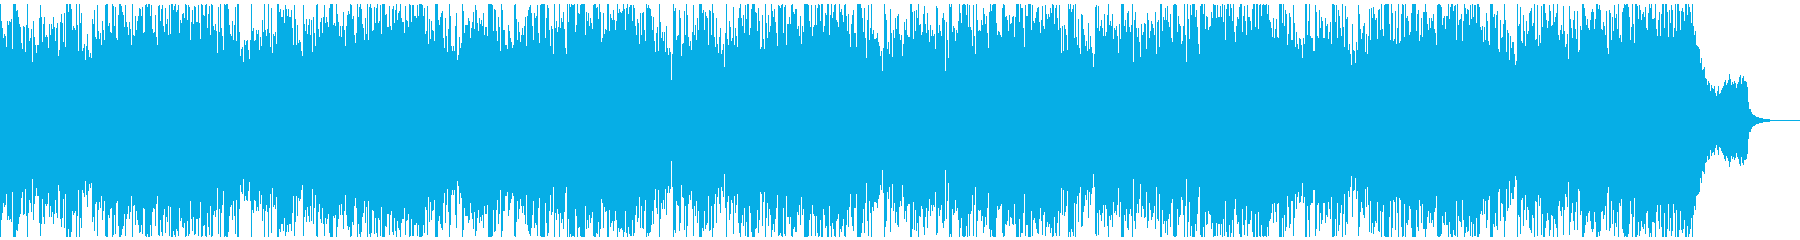 衝撃事件ミステリー再現シネマティック3の再生済みの波形